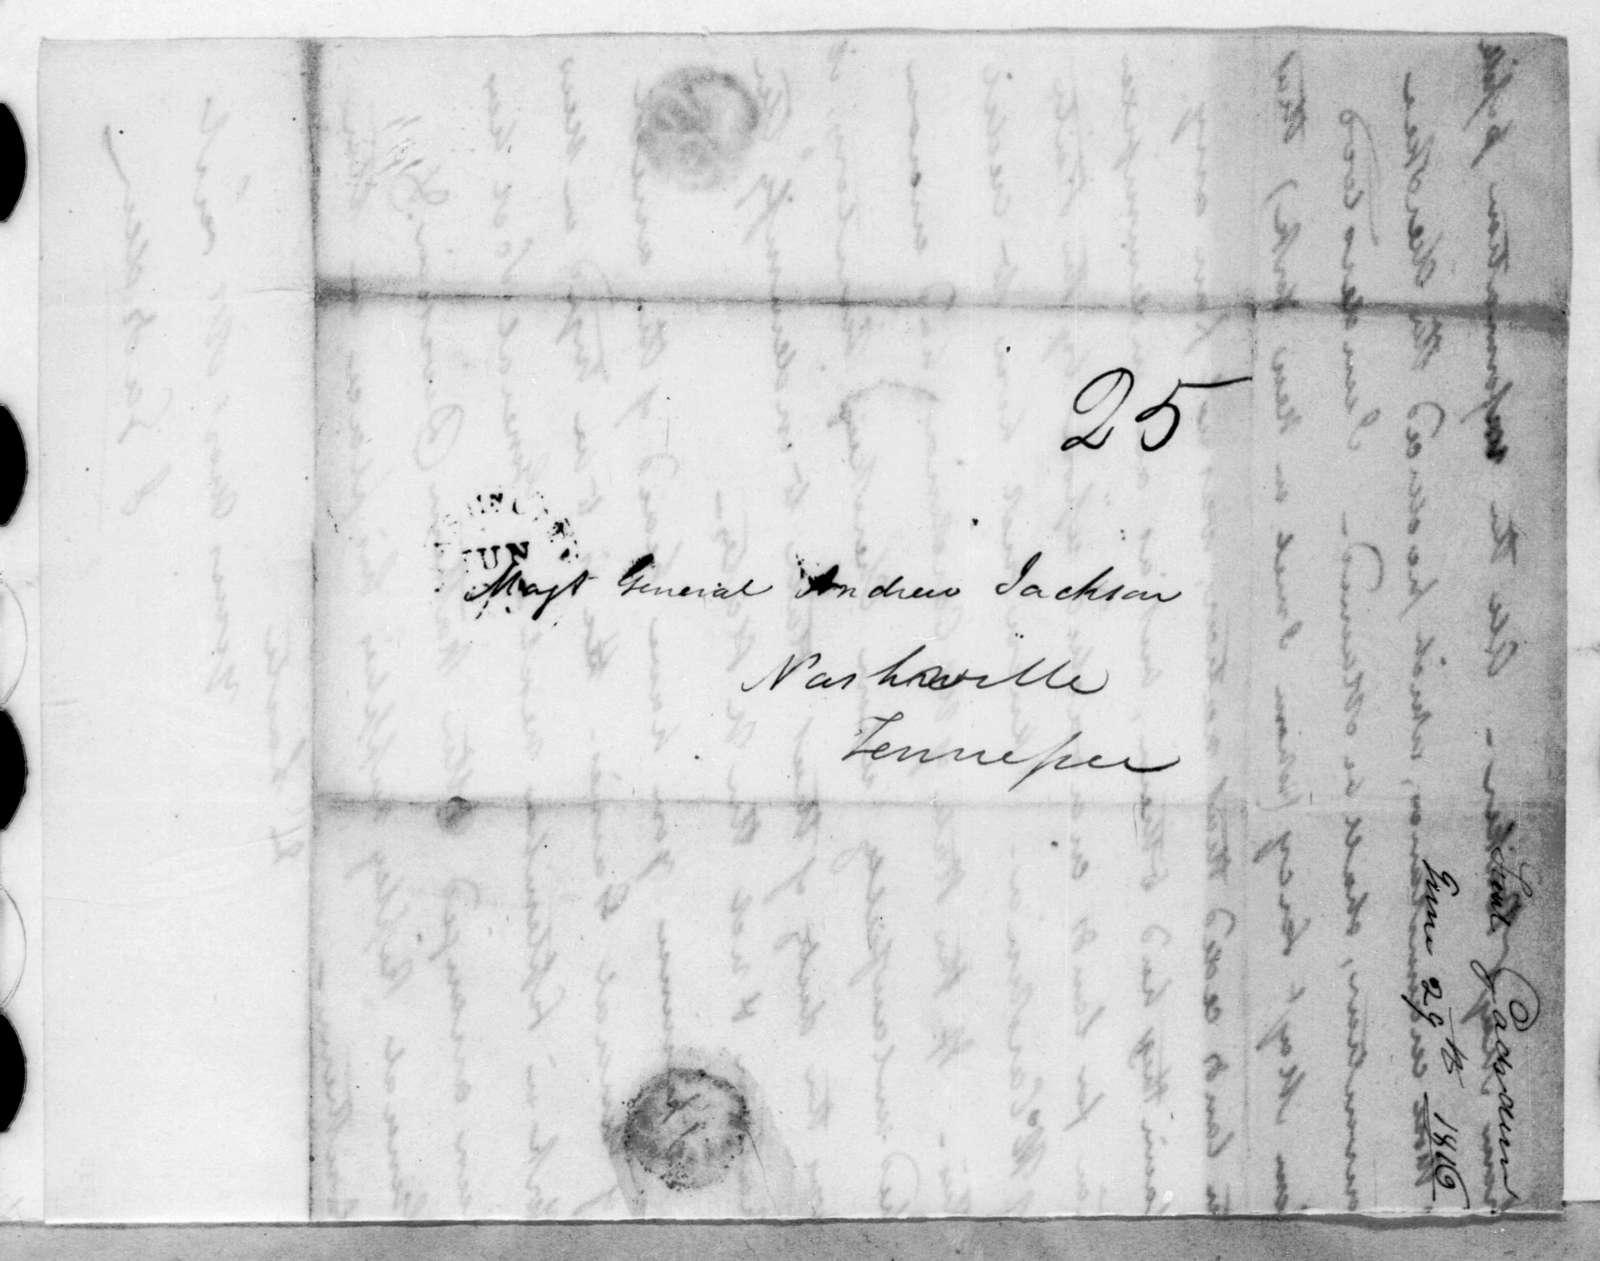 James Gadsden to Andrew Jackson, June 29, 1816